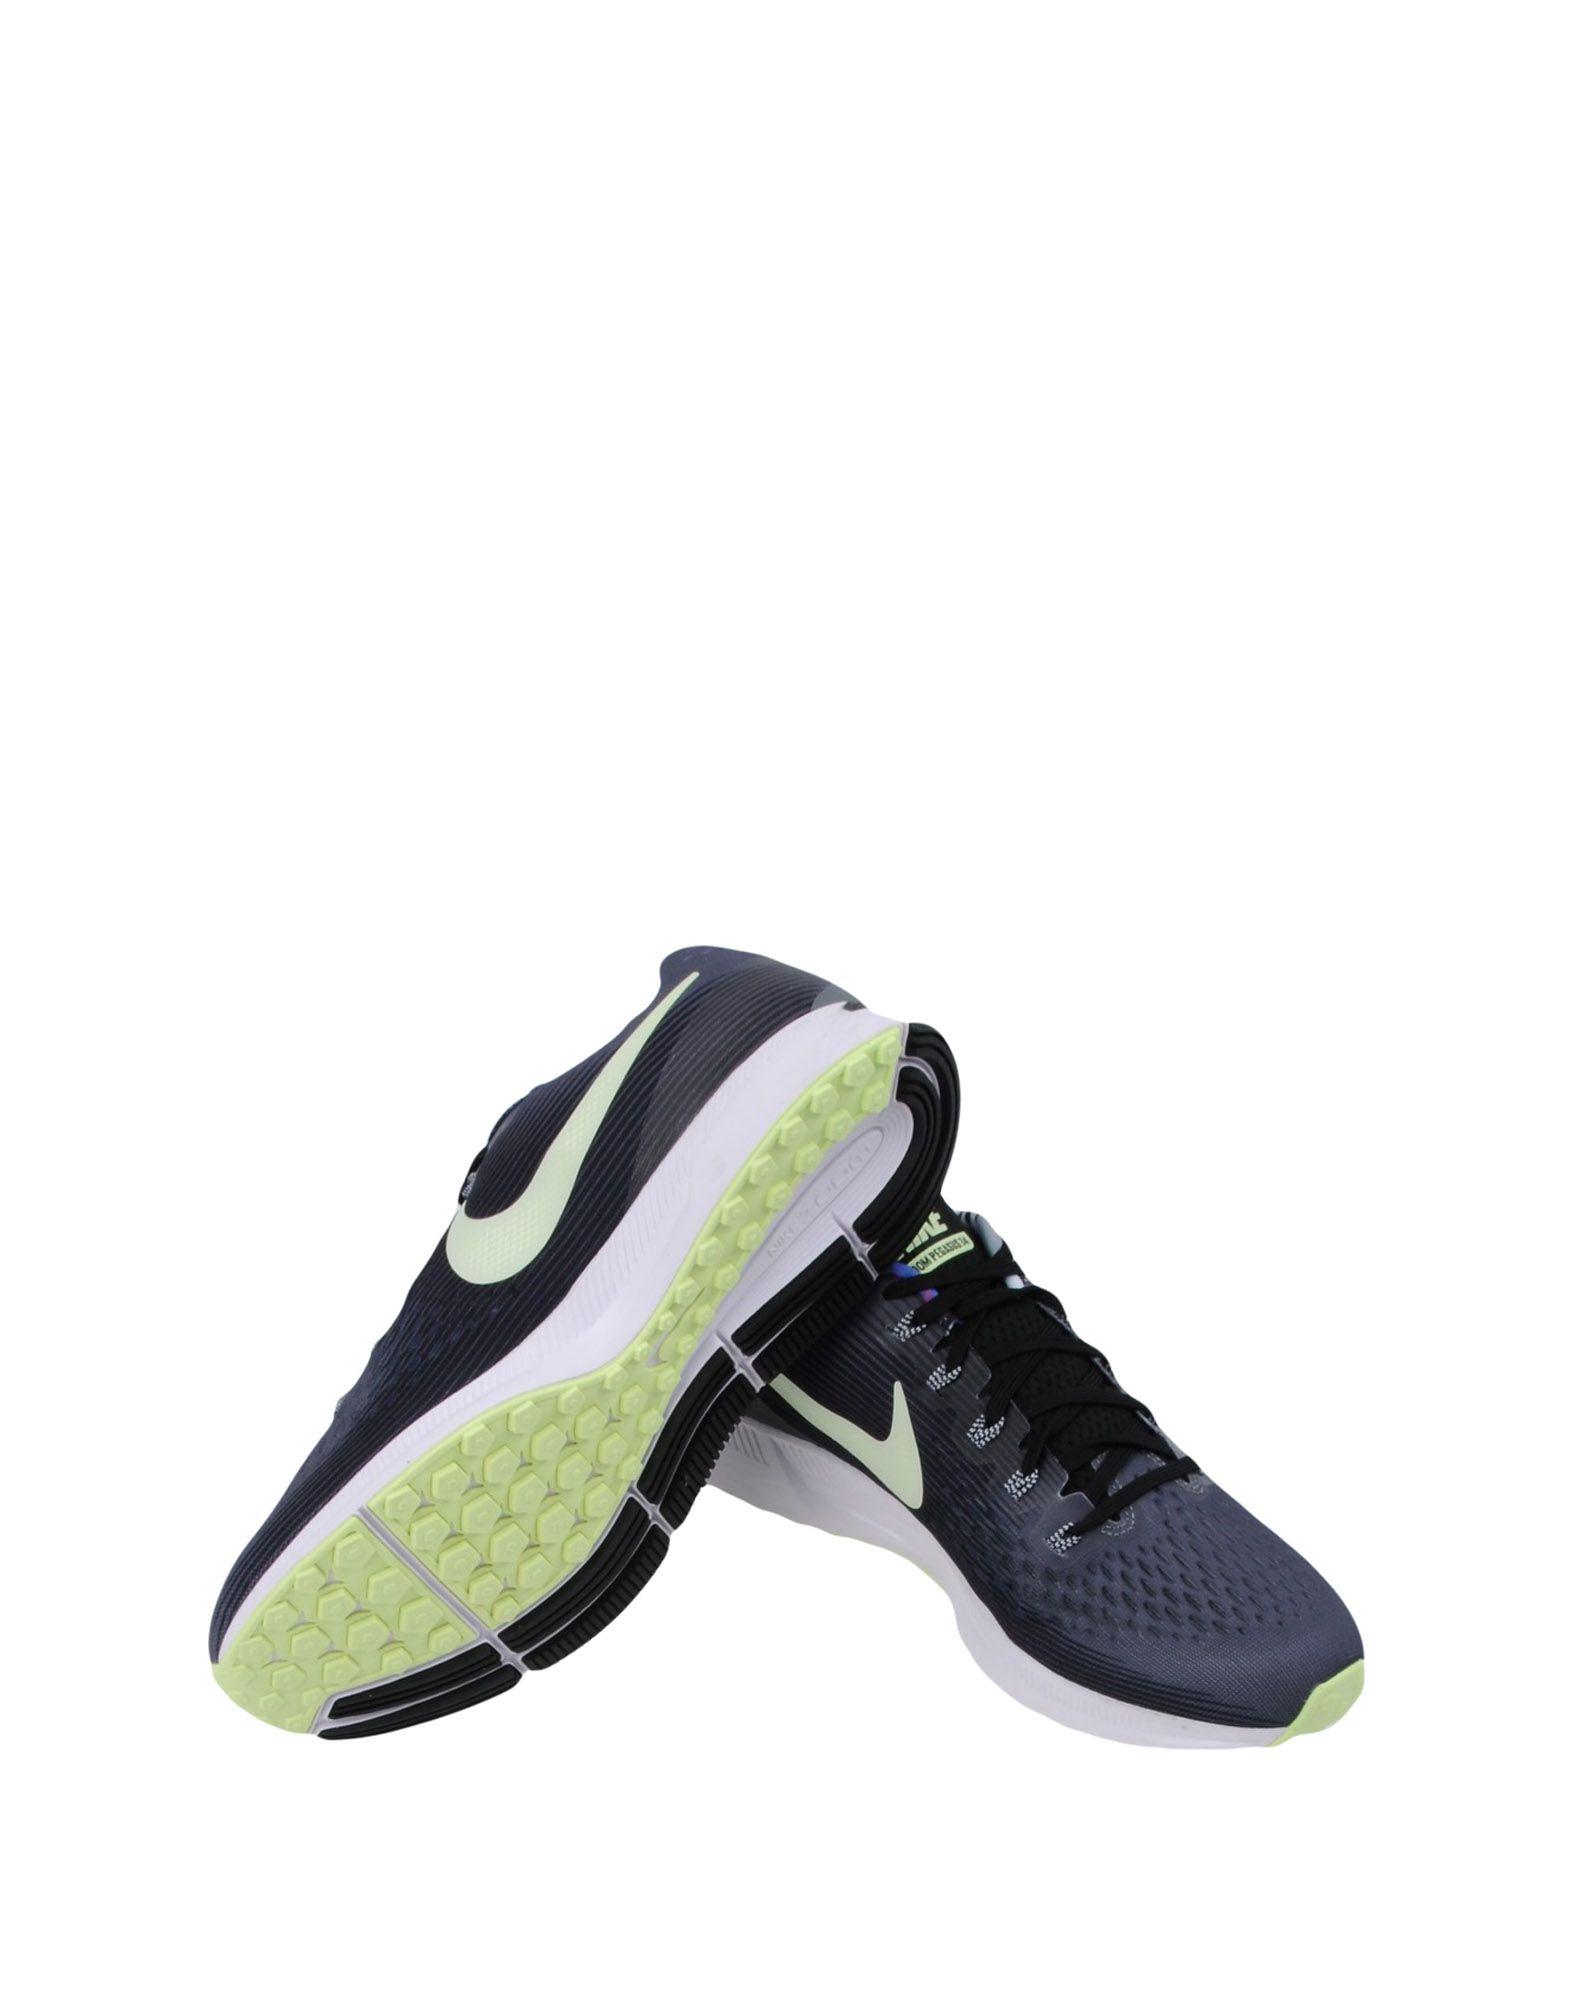 Sneakers Nike  Air Zoom Pegasus 34 Solstice - Homme - Sneakers Nike sur